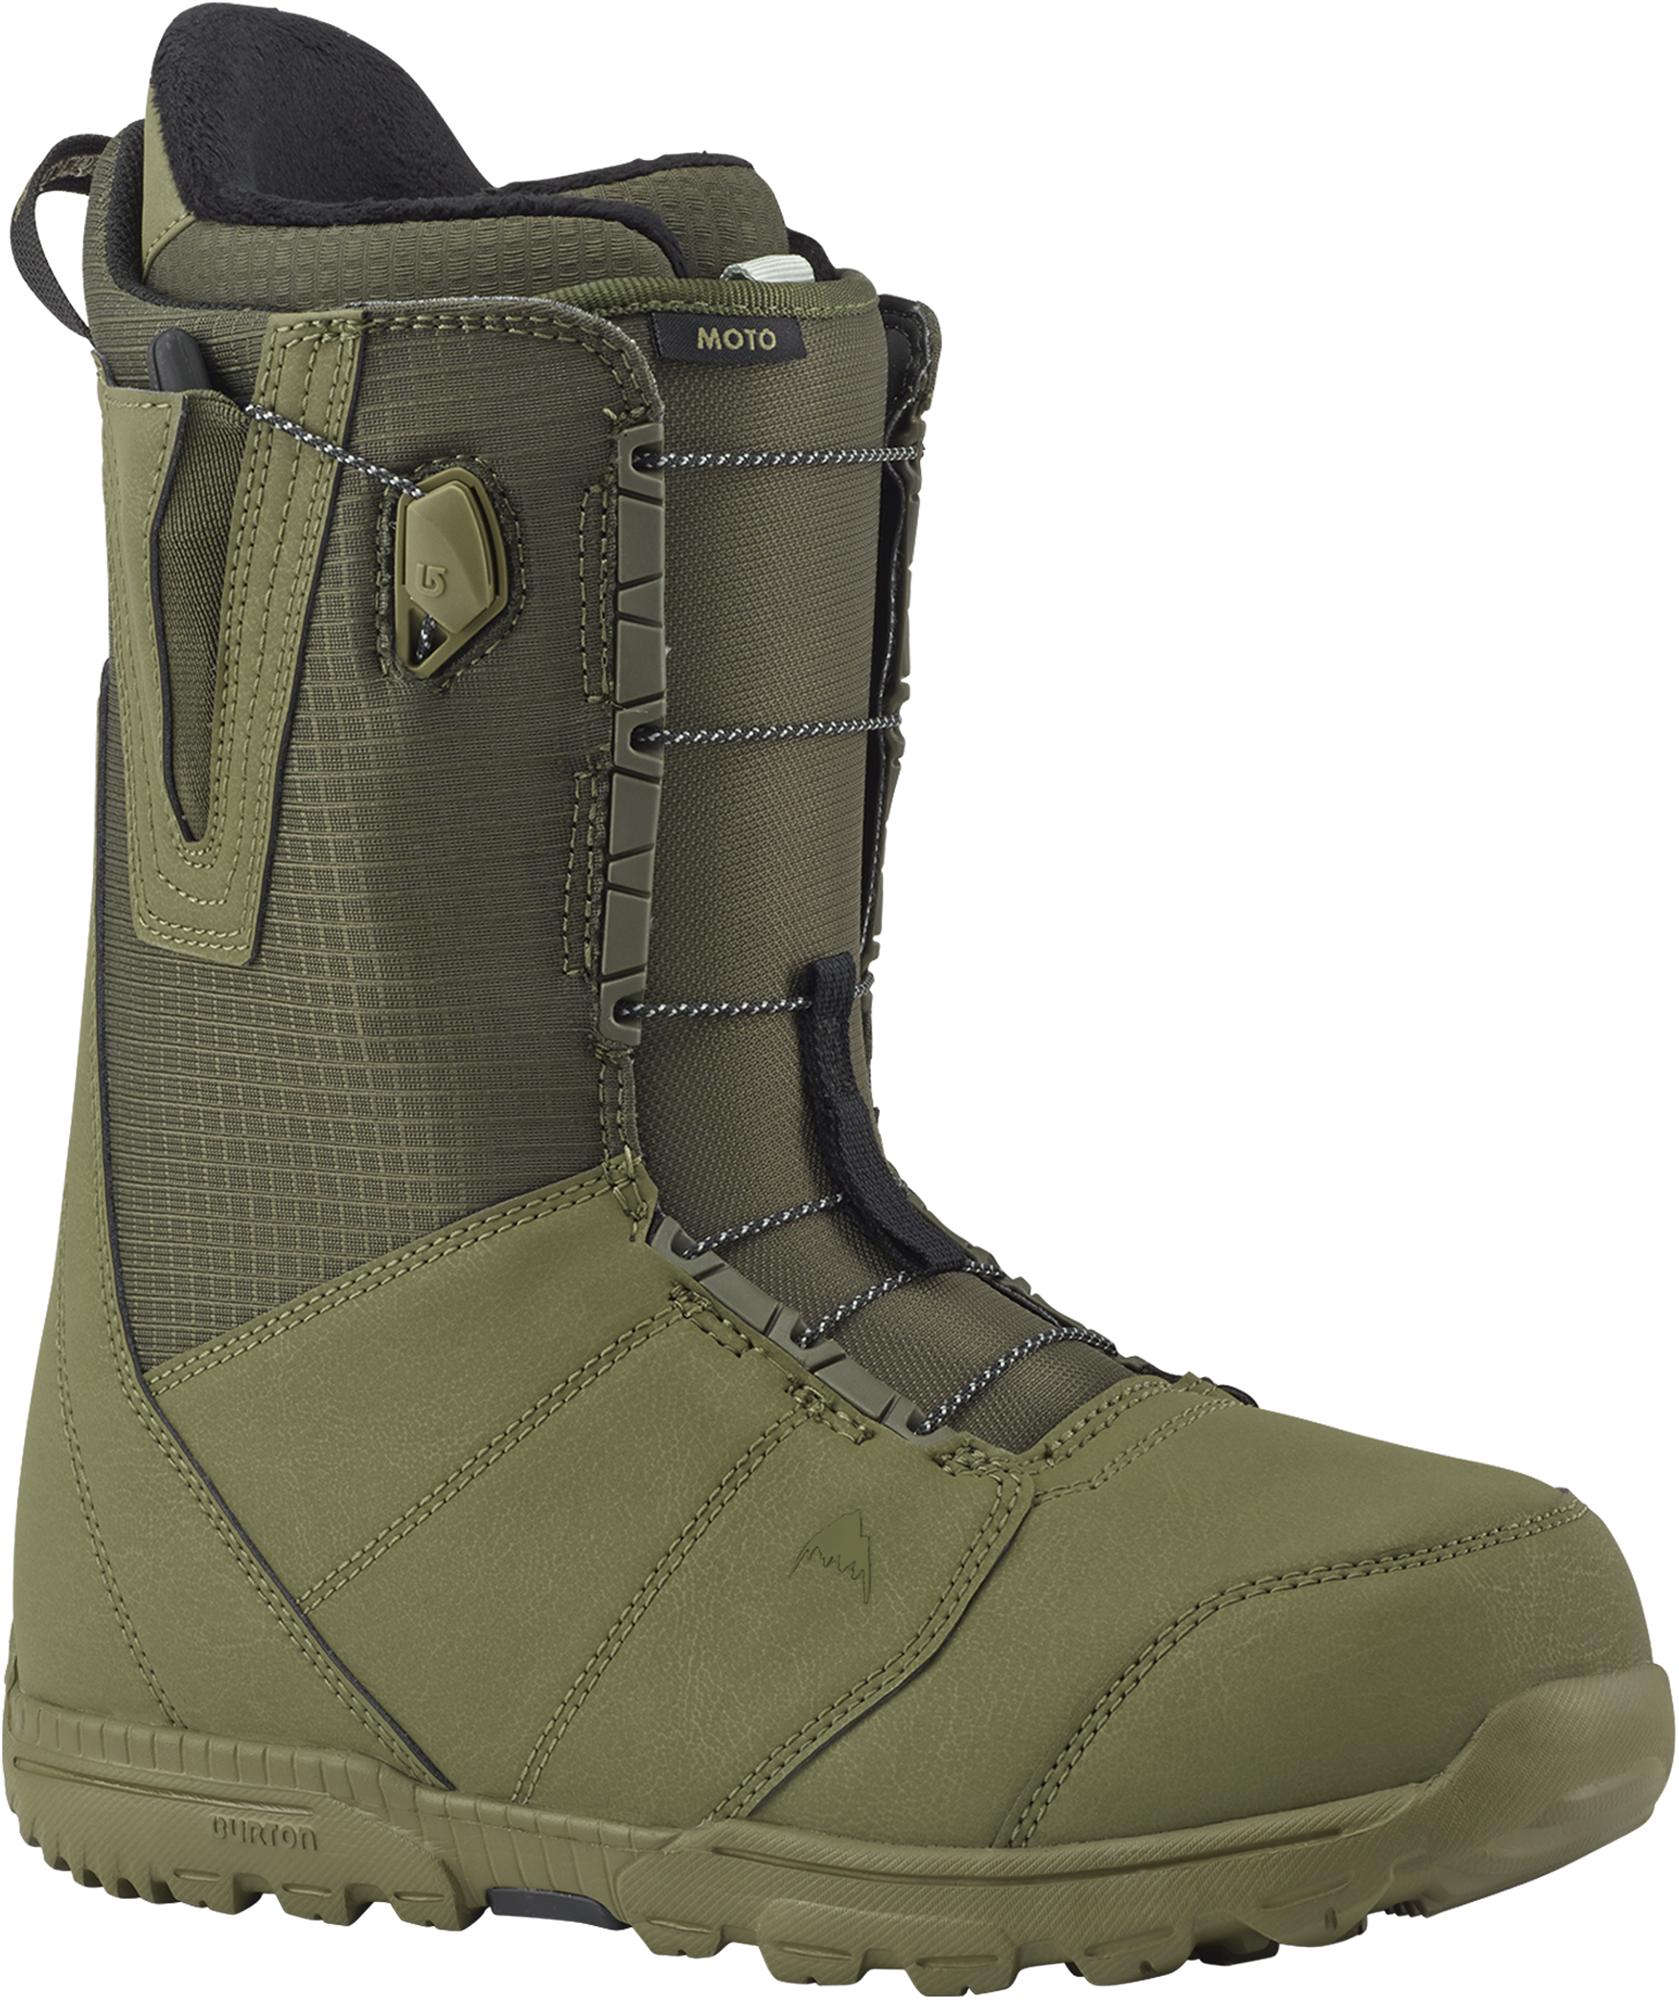 Burton Сноубордические ботинки Burton Moto, размер 40,5